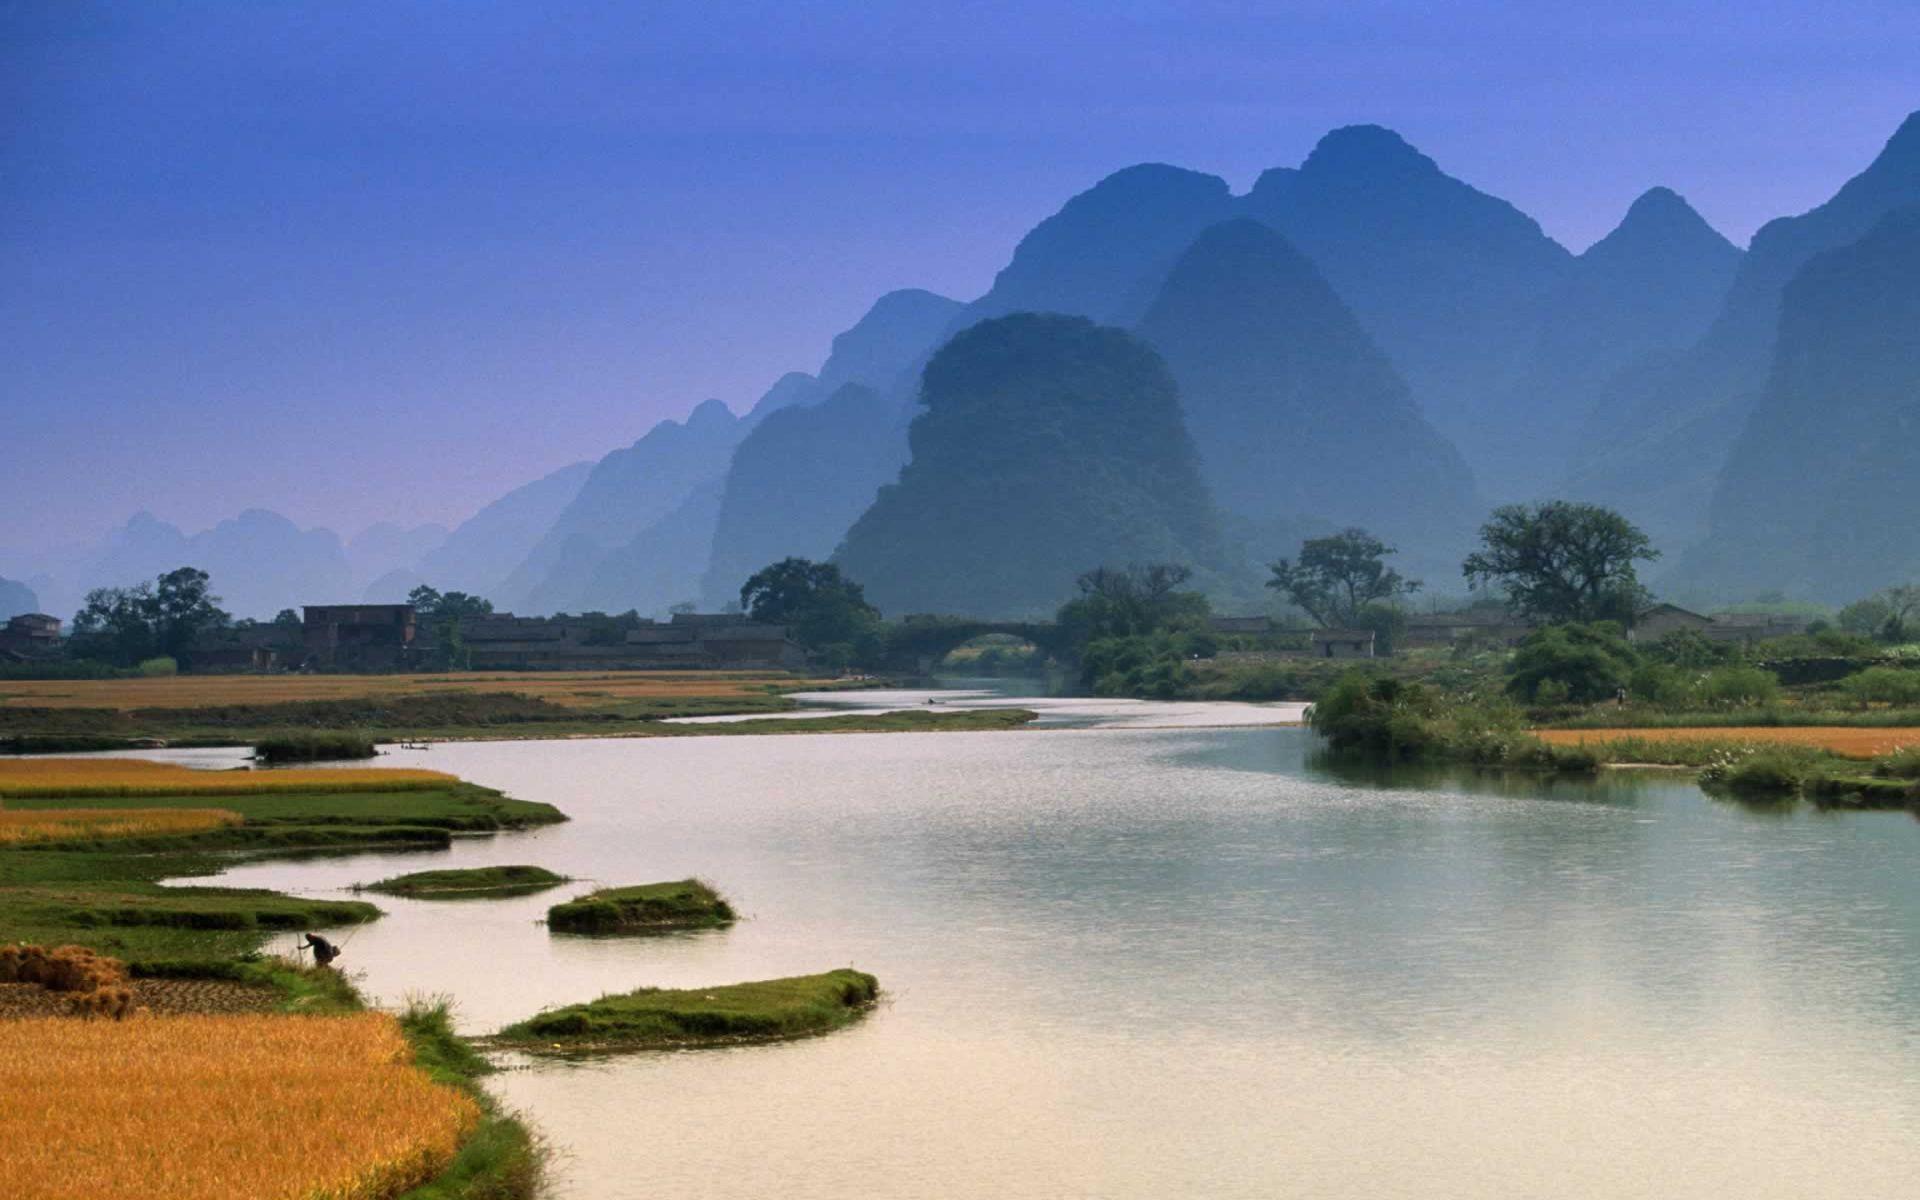 mountain photos river